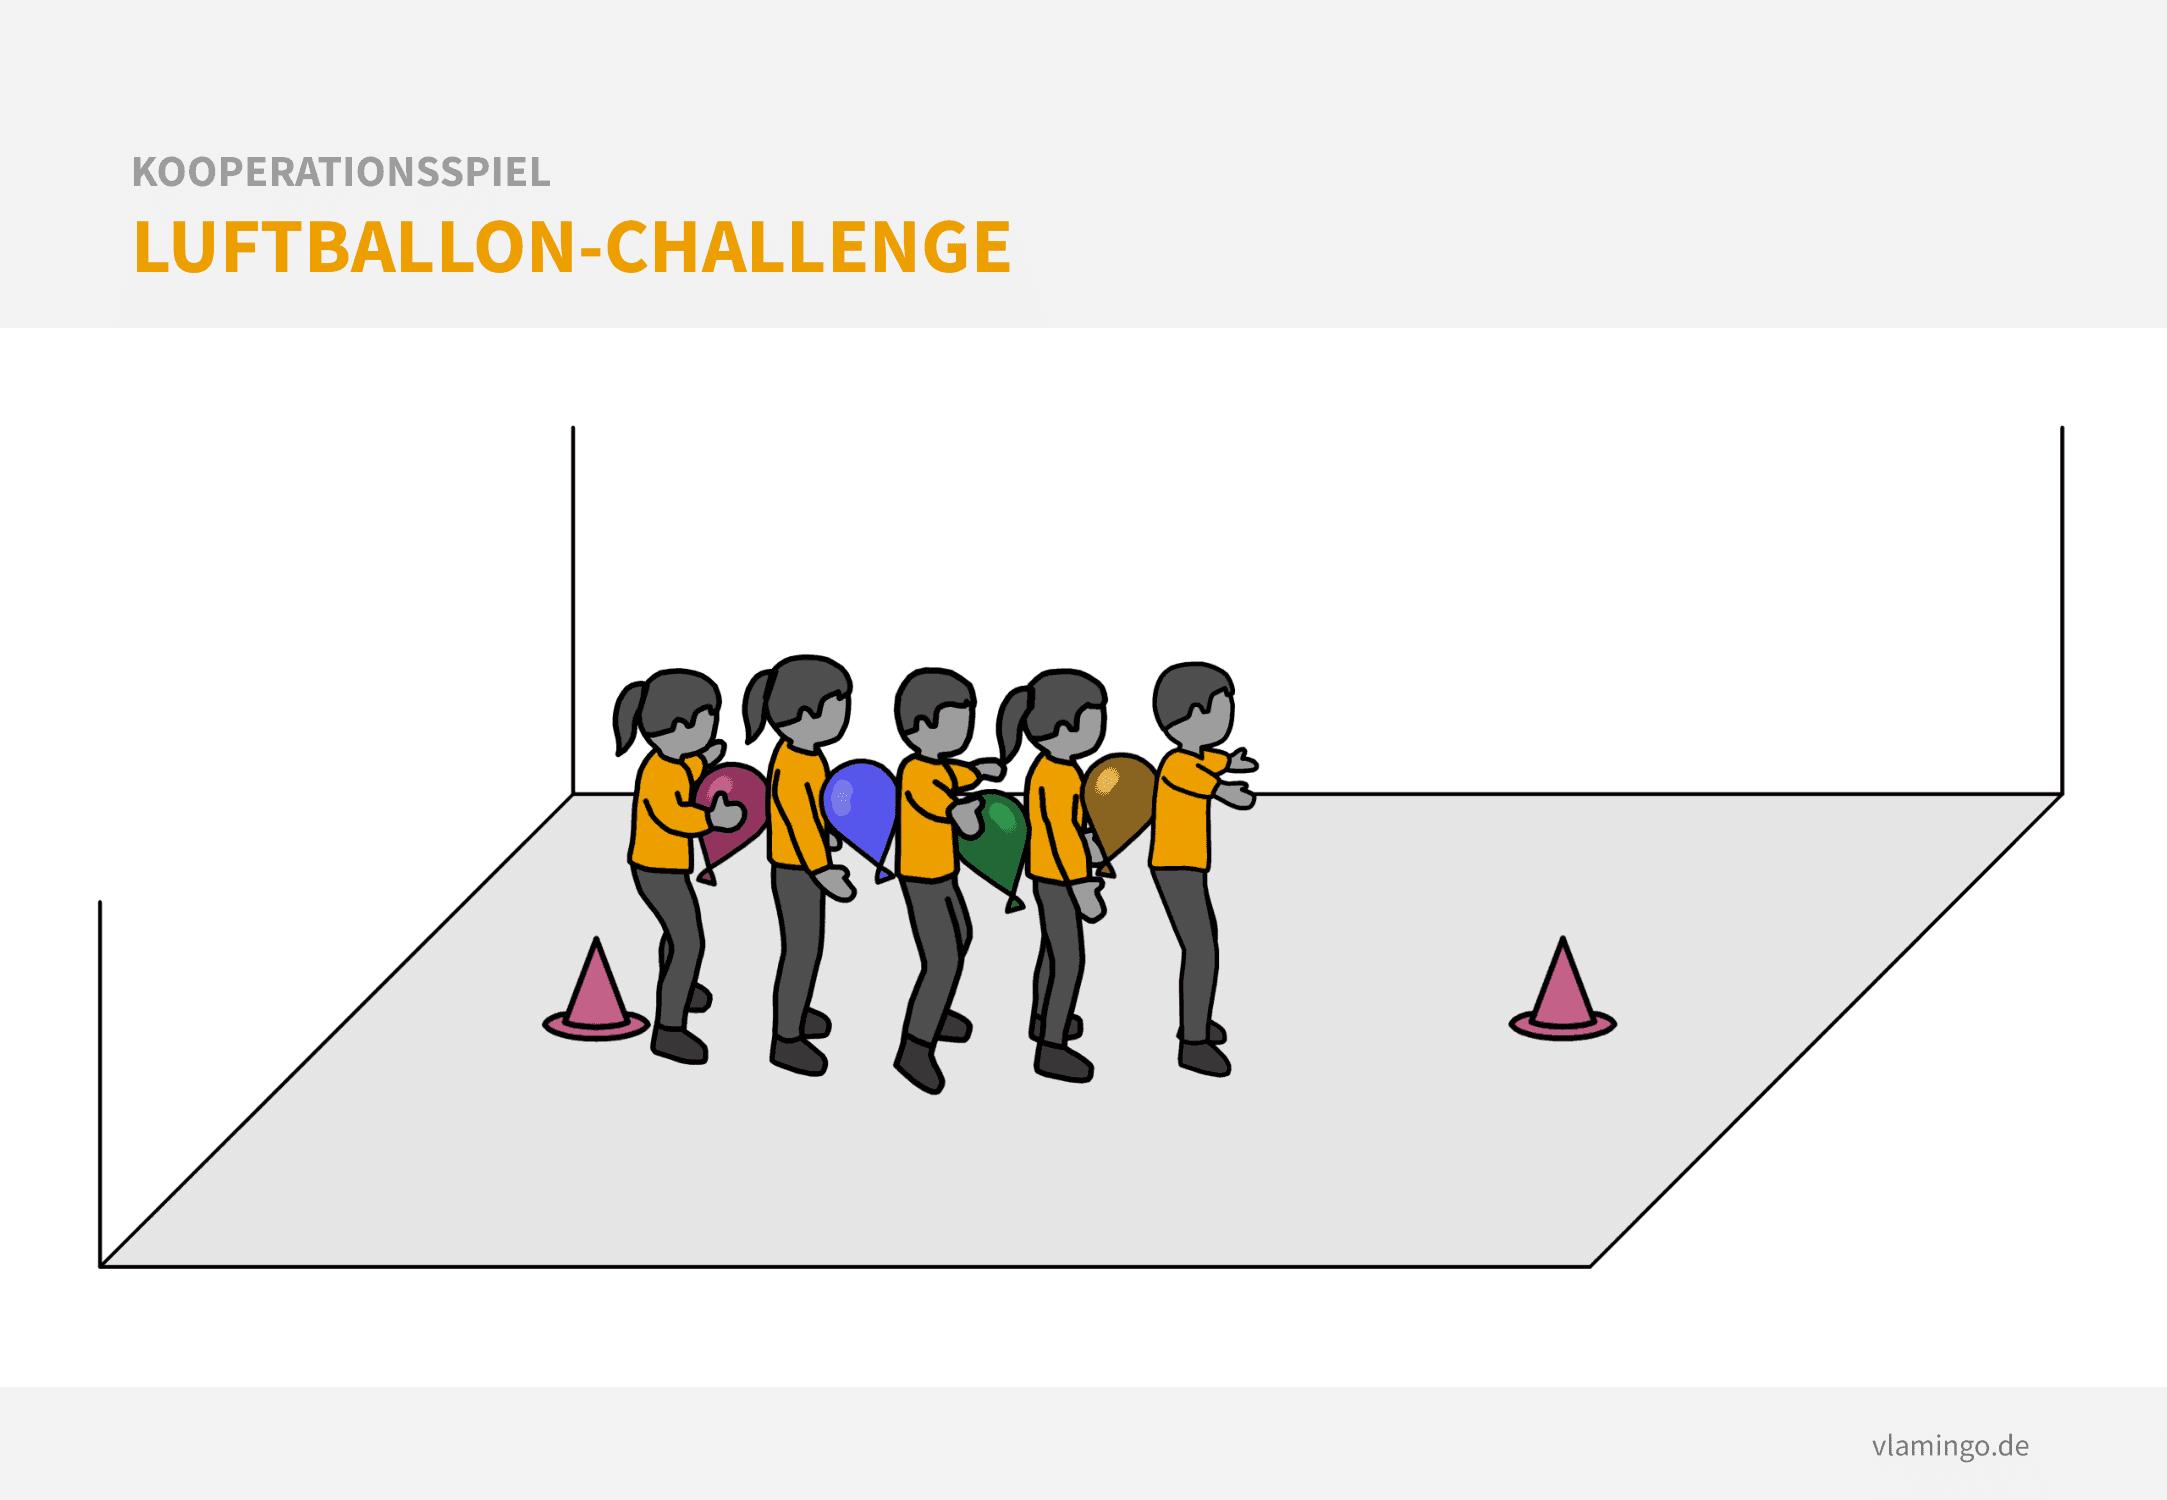 Kooperationsspiel: Luftballon-Challenge